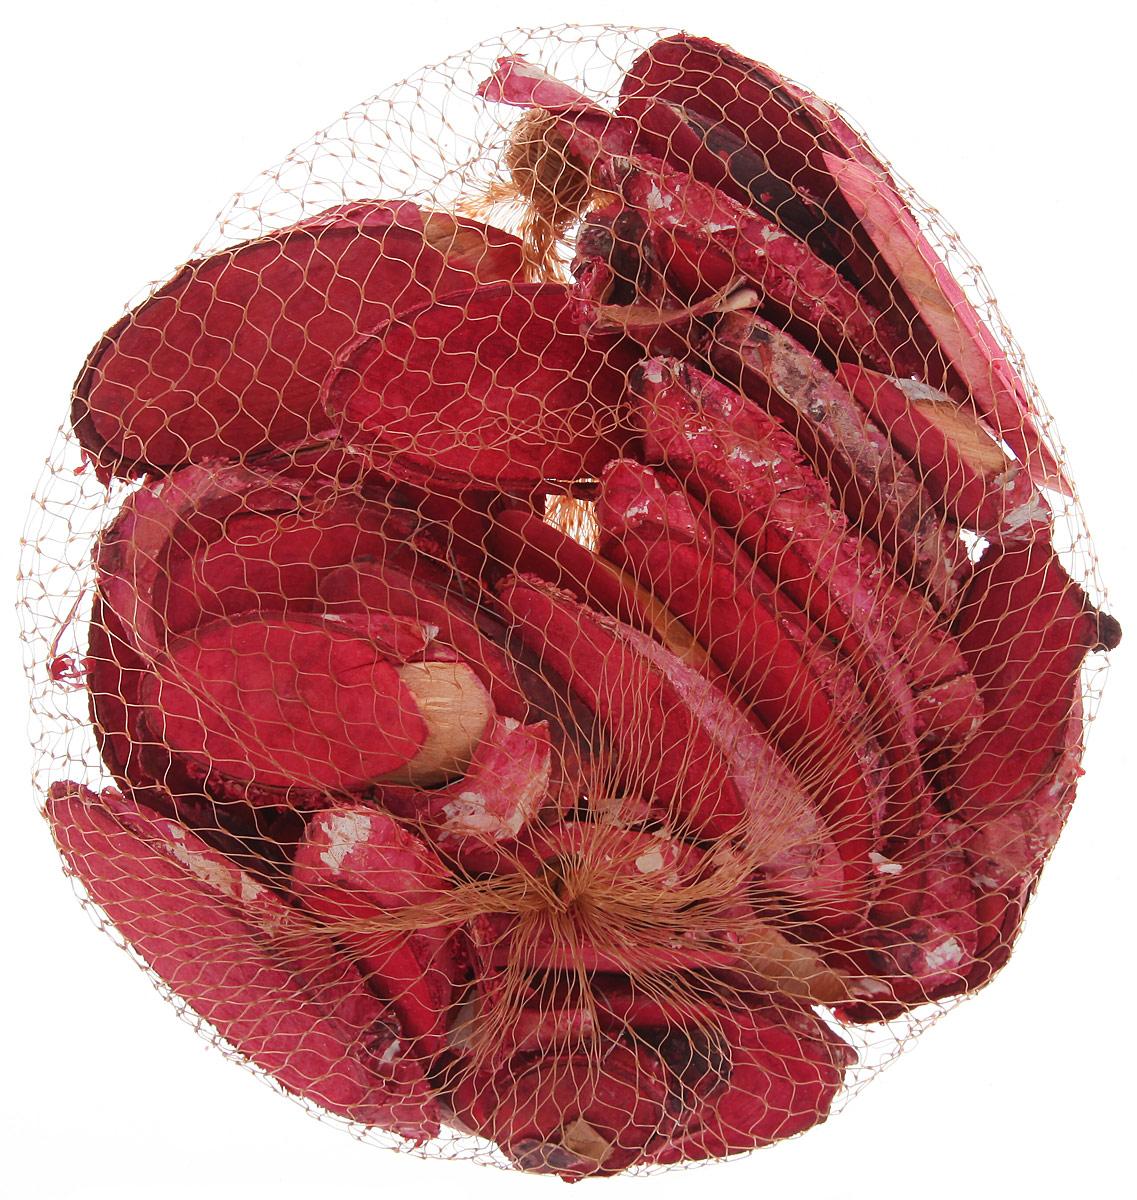 Декоративный элемент Dongjiang Art Срез ветки, цвет: красный, толщина 7 мм, 250 гSS 4041Декоративный элемент Dongjiang Art Срез ветки изготовлен из дерева.Изделие предназначено для декорирования. Срез может пригодиться во флористике и многом другом. Декоративный элемент представляет собой тонкий срез ветки. Флористика - вид декоративно-прикладного искусства, который использует живые, засушенные или консервированные природные материалы для создания флористических работ. Это целый мир, в котором есть место и строгому математическому расчету, и вдохновению, полету фантазии. Толщина среза: 7 мм.